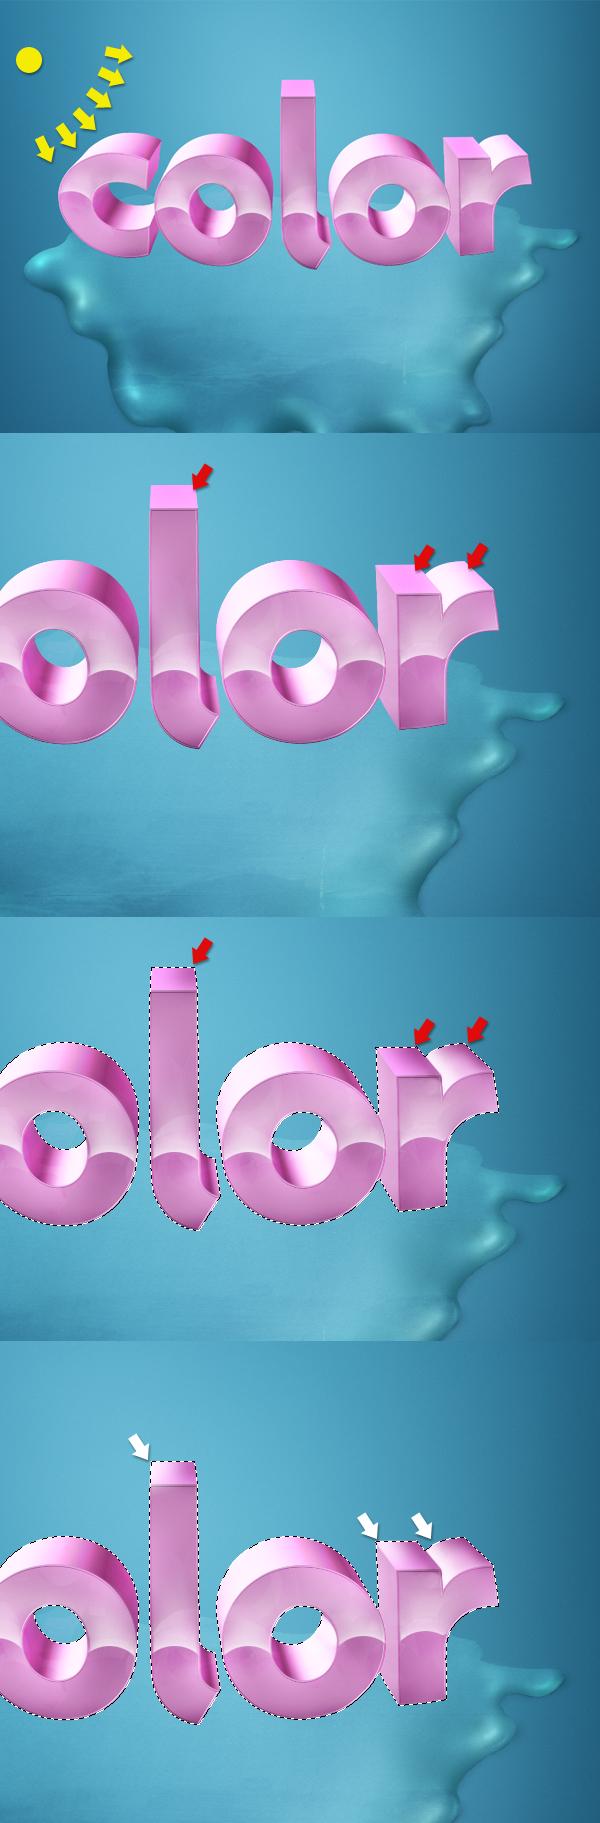 24 Thiết Kế 3D Text với Màu Sắc Ấn Tượng   Phần 1